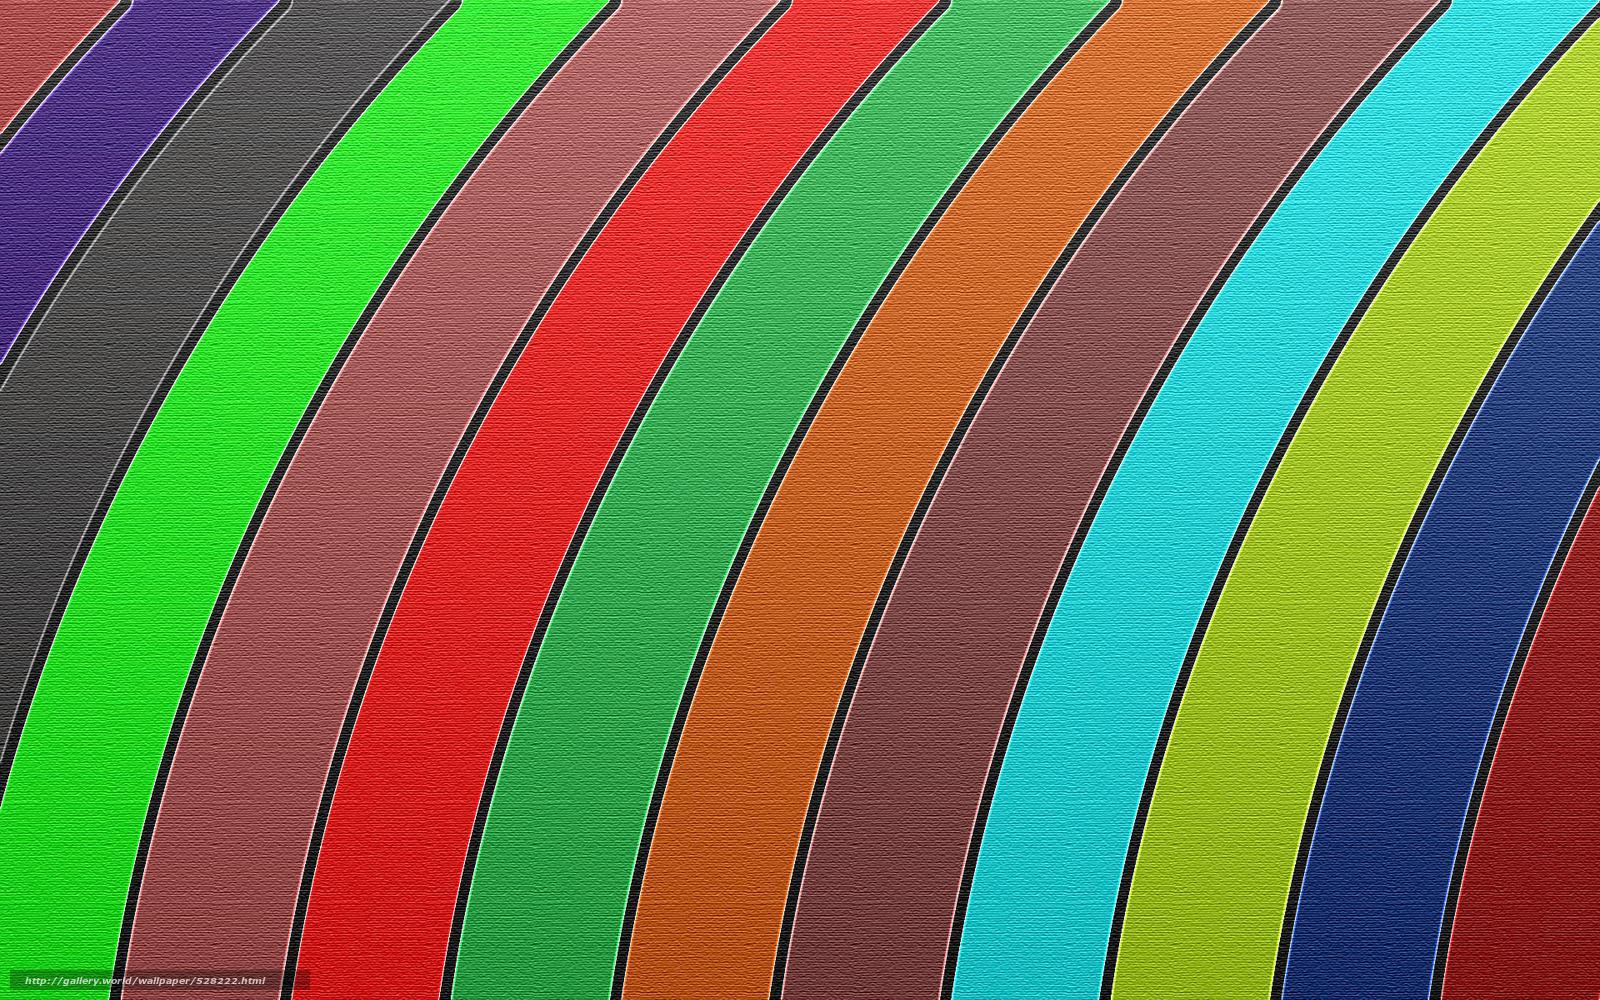 Скачать обои полосы,  линии,  цветные,  текстура бесплатно для рабочего стола в разрешении 1920x1200 — картинка №528222